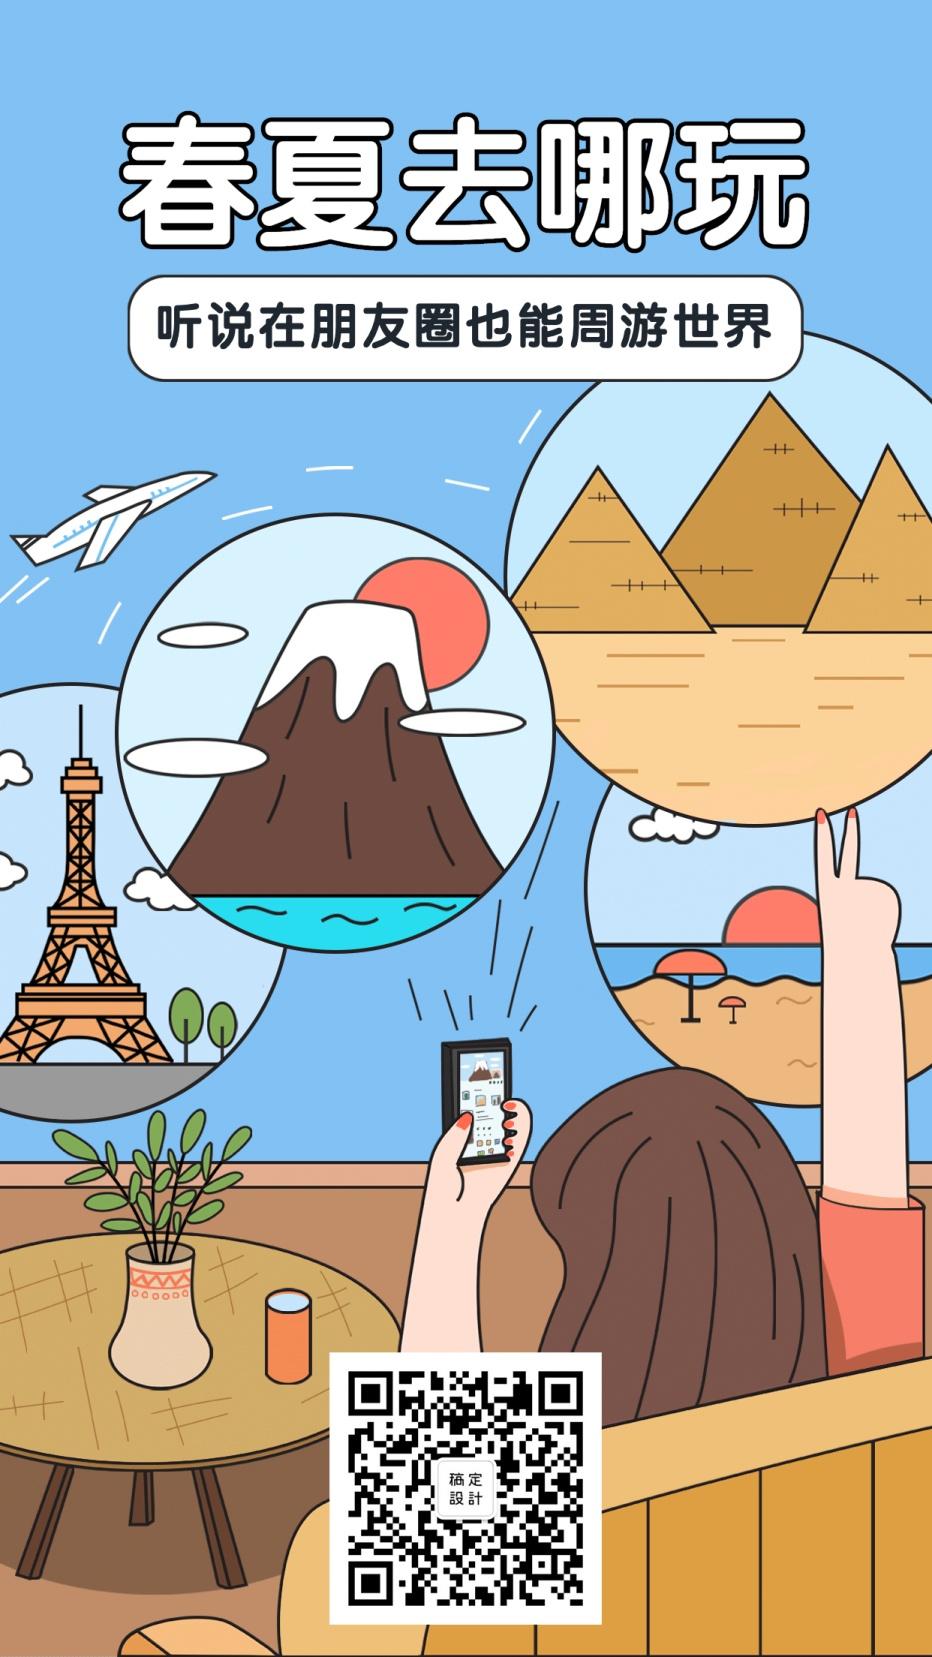 旅游日春夏去哪玩出行手机海报